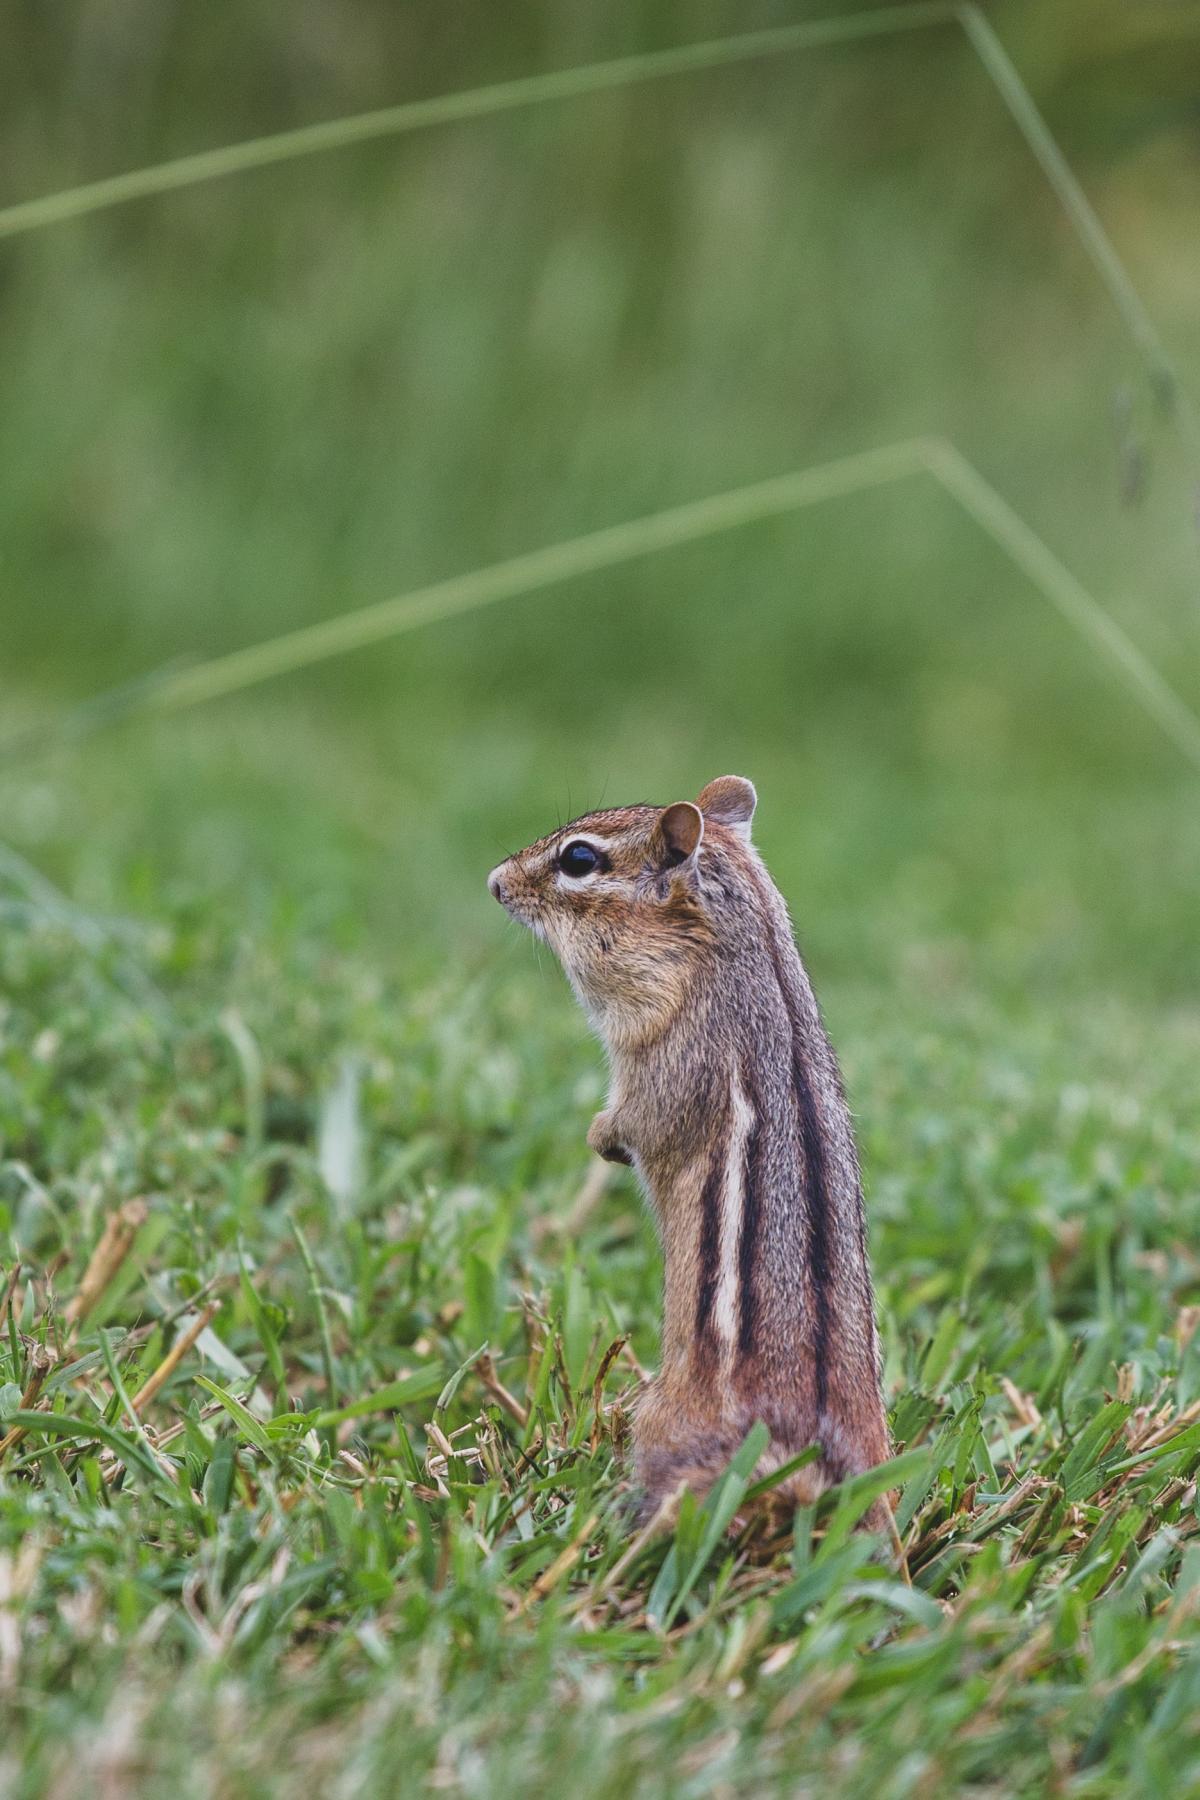 Fox squirrel Rodent Squirrel #422236